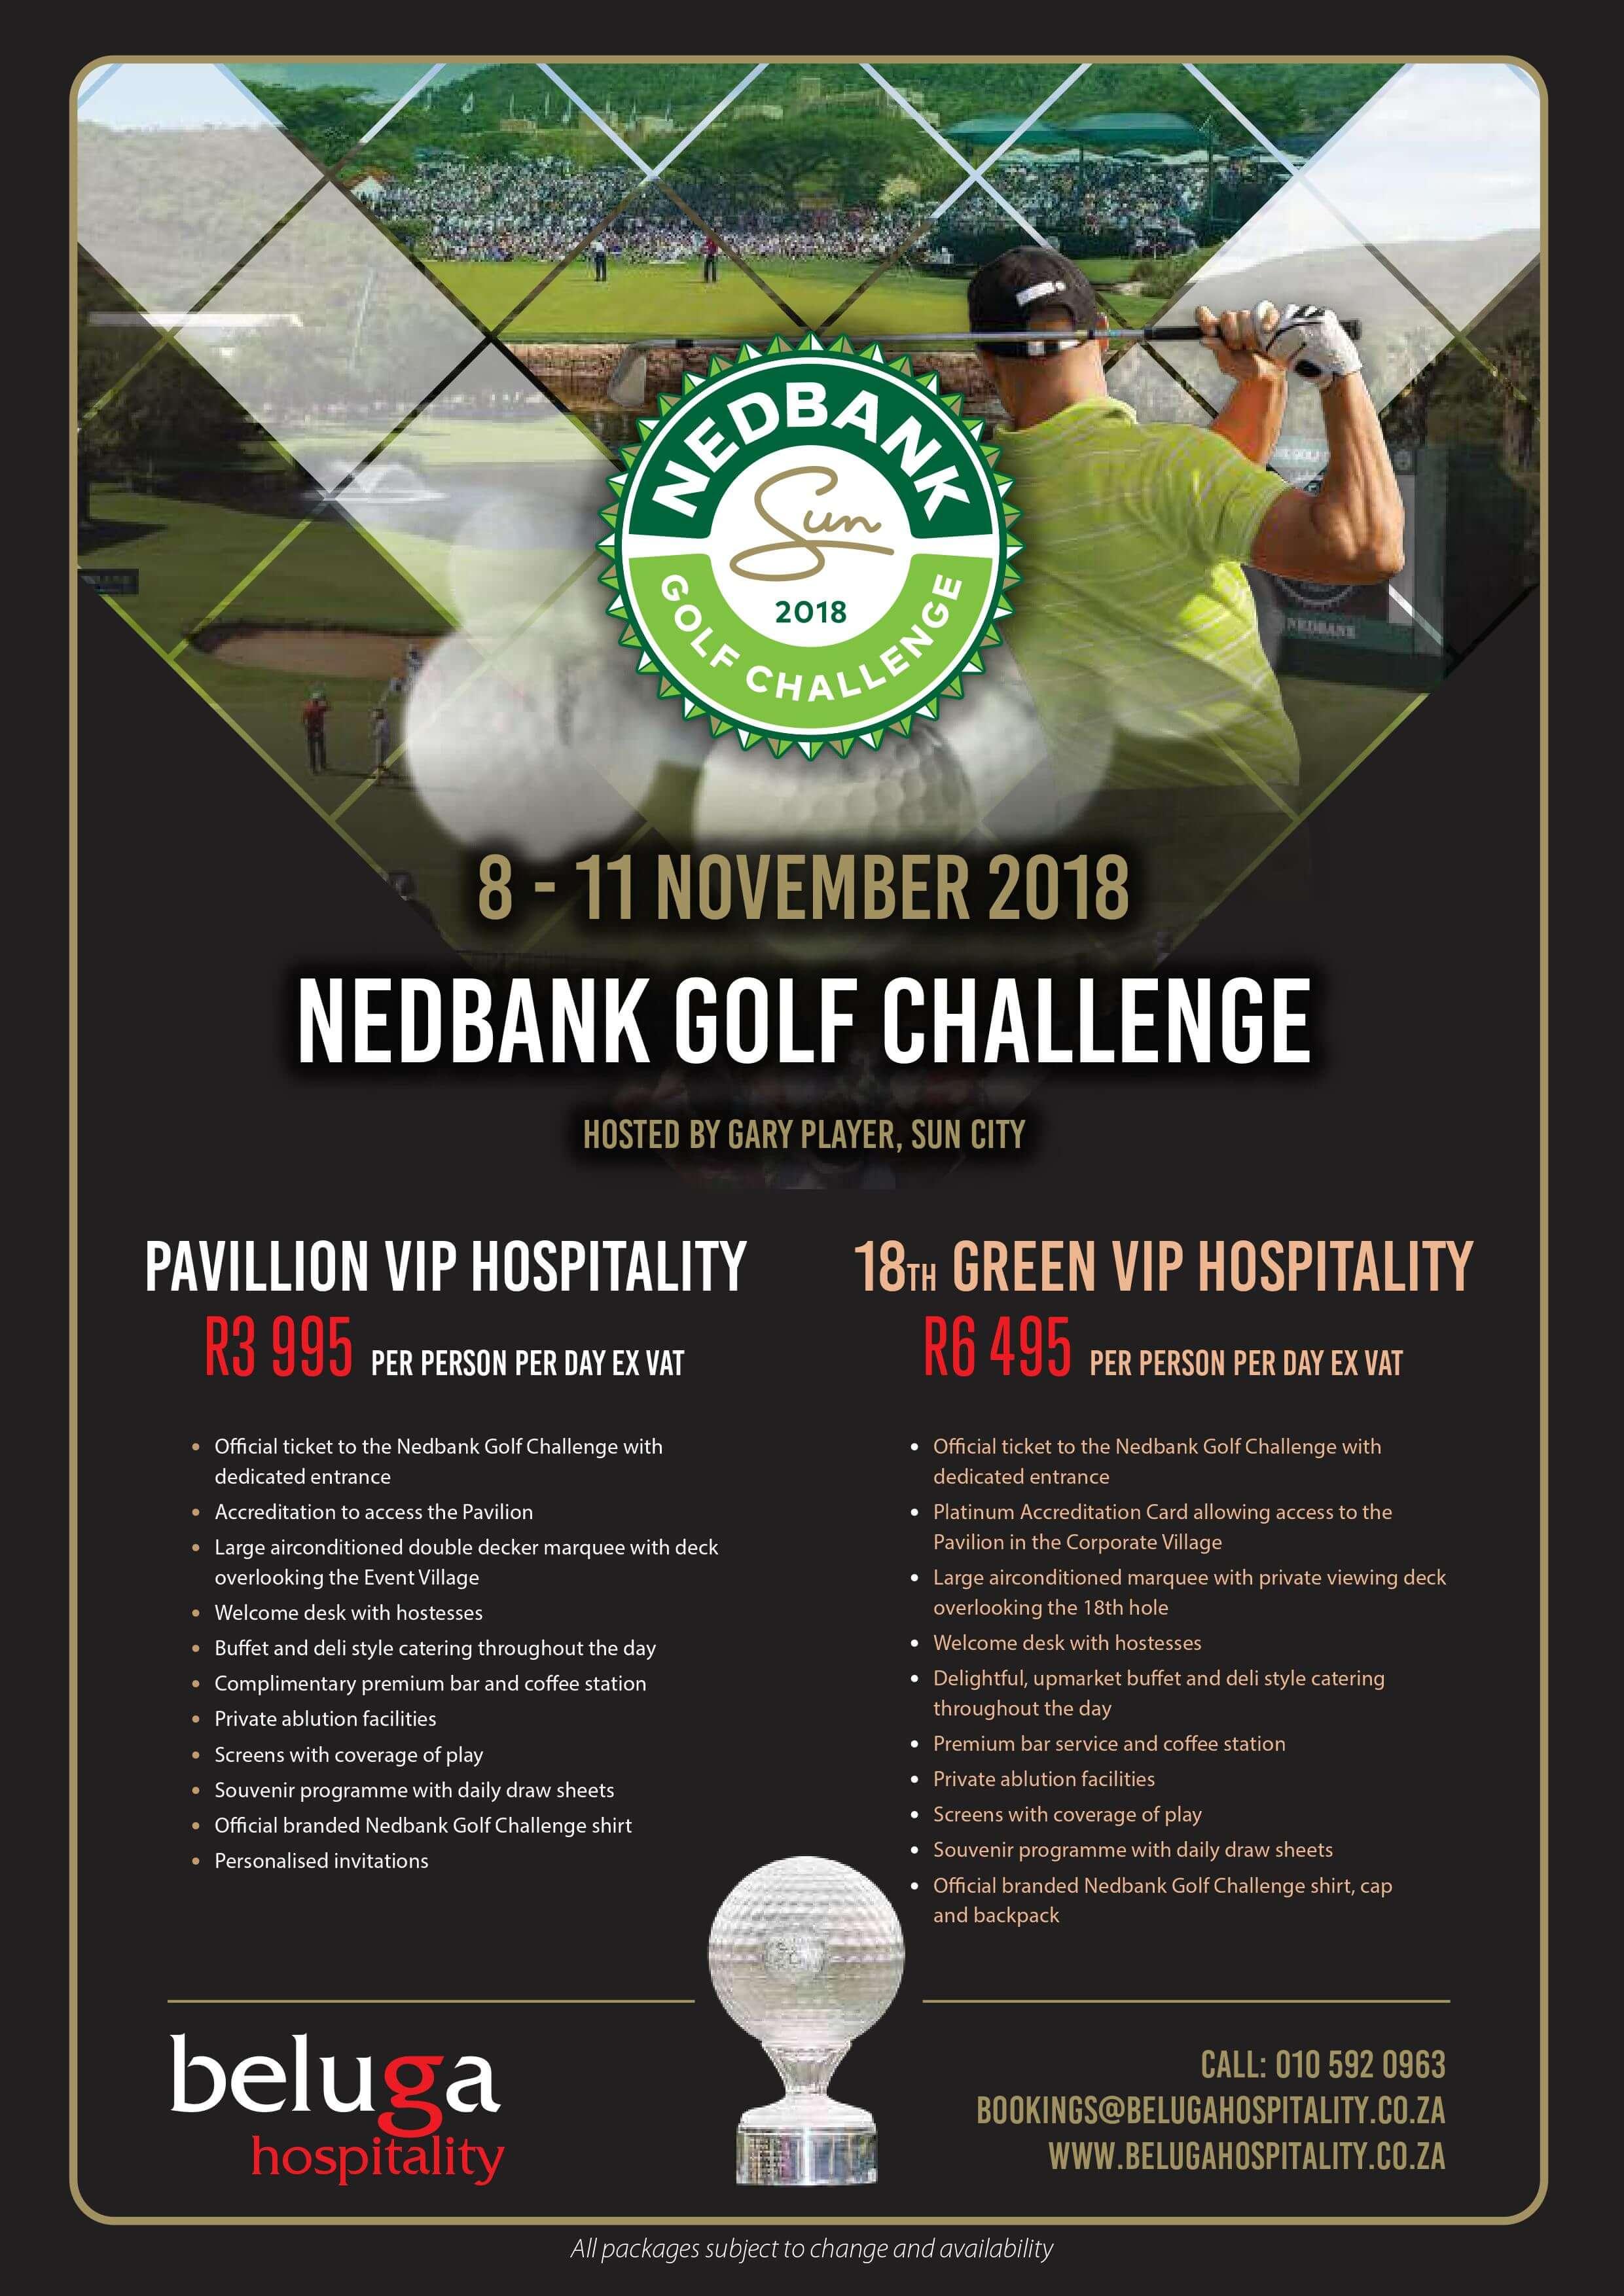 Nedbank Golf Challenge 2018 - Beluga Hospitality -Flyer Brochure